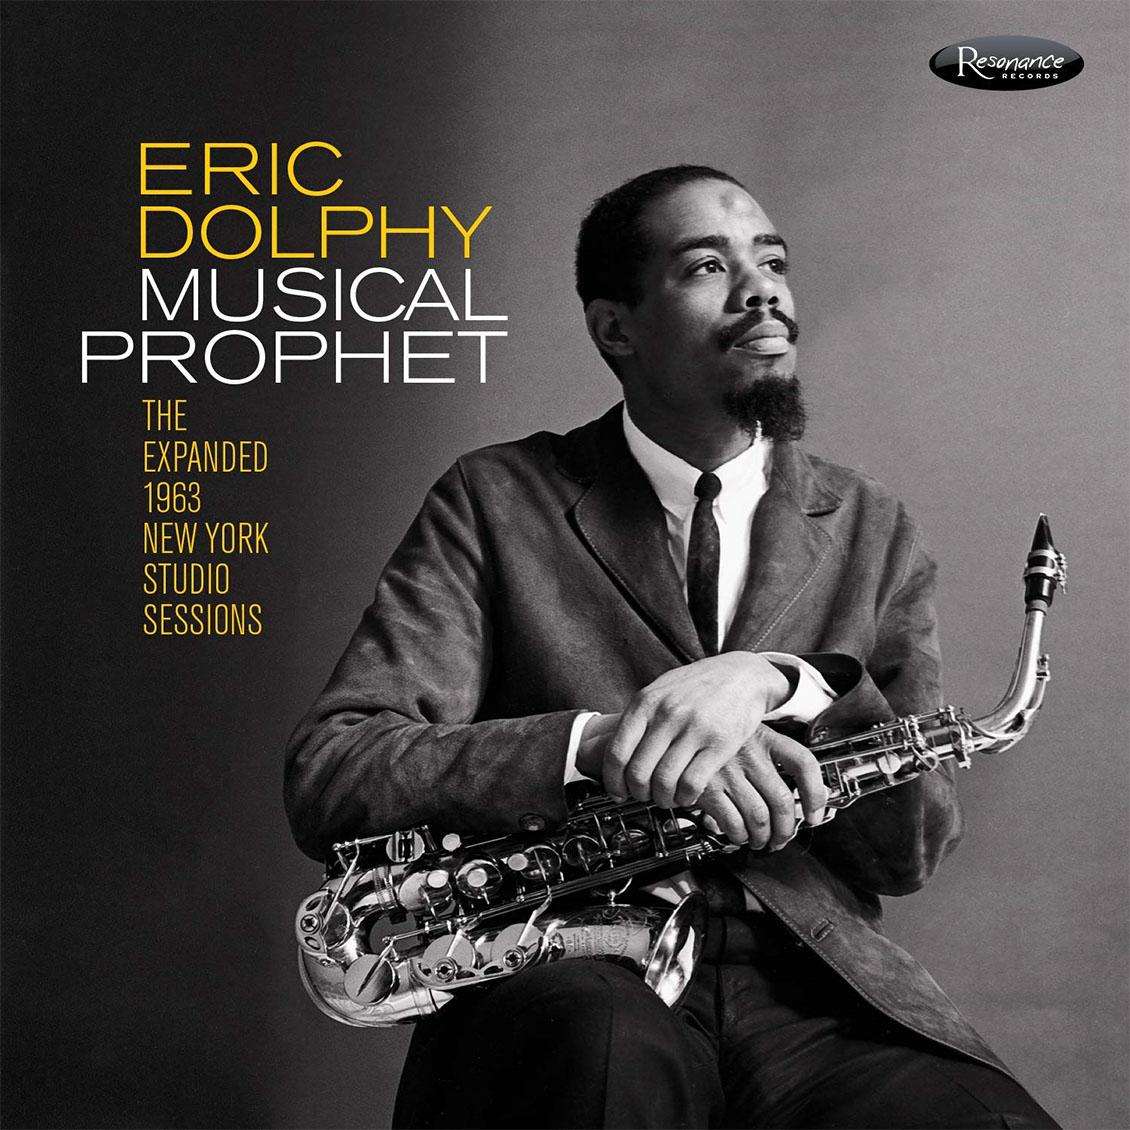 エリック・ドルフィー Musical Prophet: The Expanded 1963 New York Studio Sessions